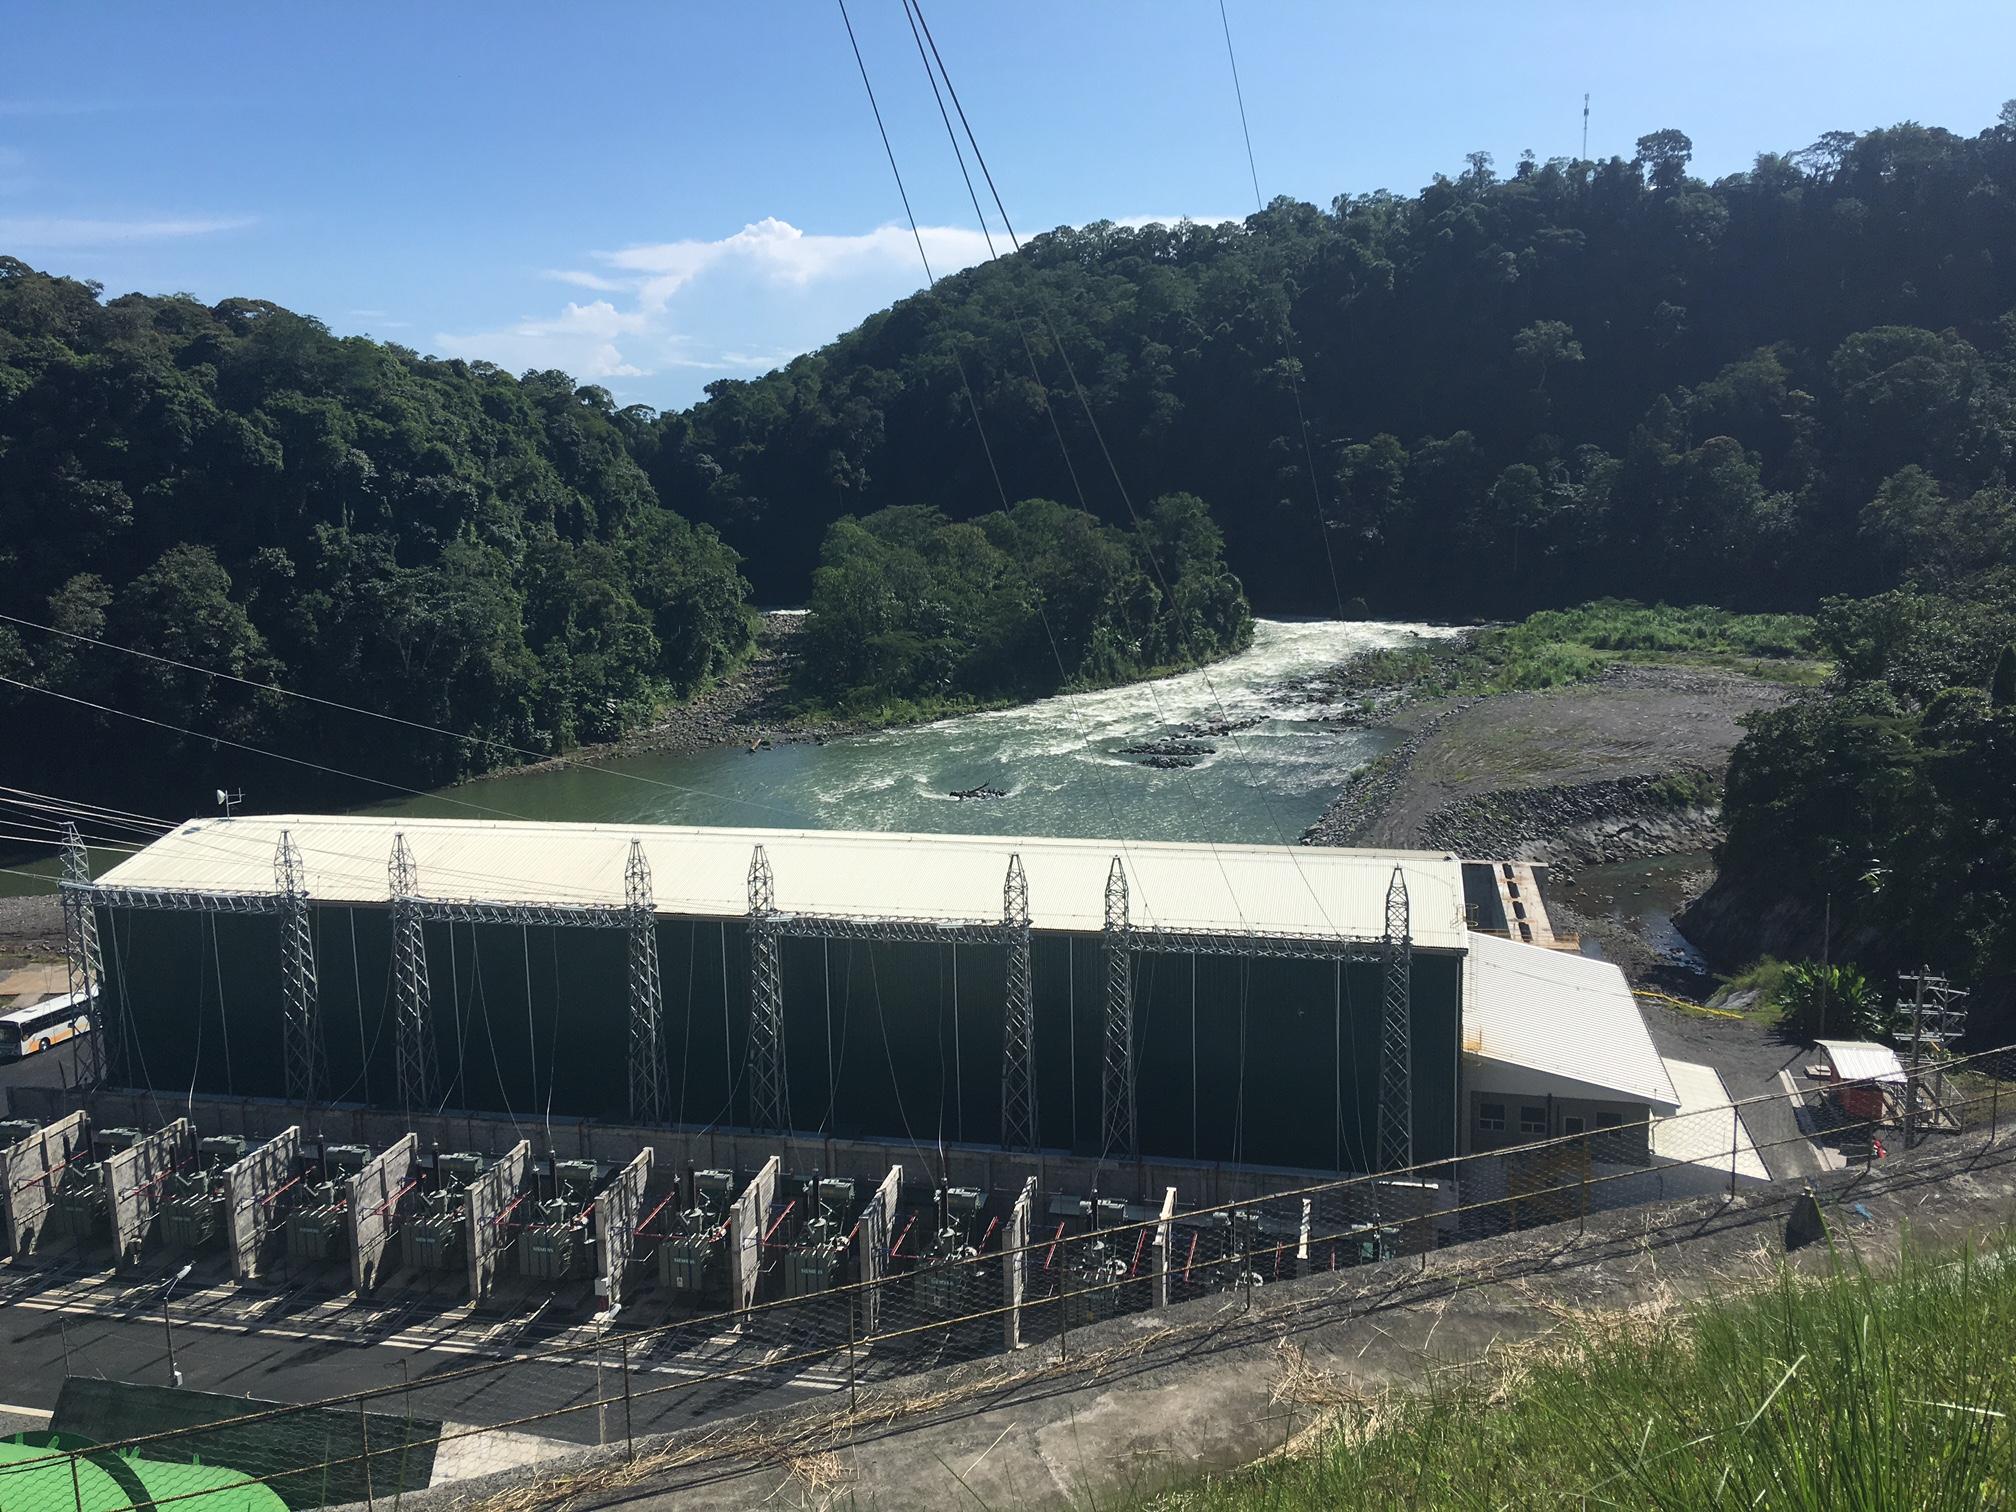 Así es la Planta Hidroeléctrica Reventazón, la más grande de Centroamérica se inauguró